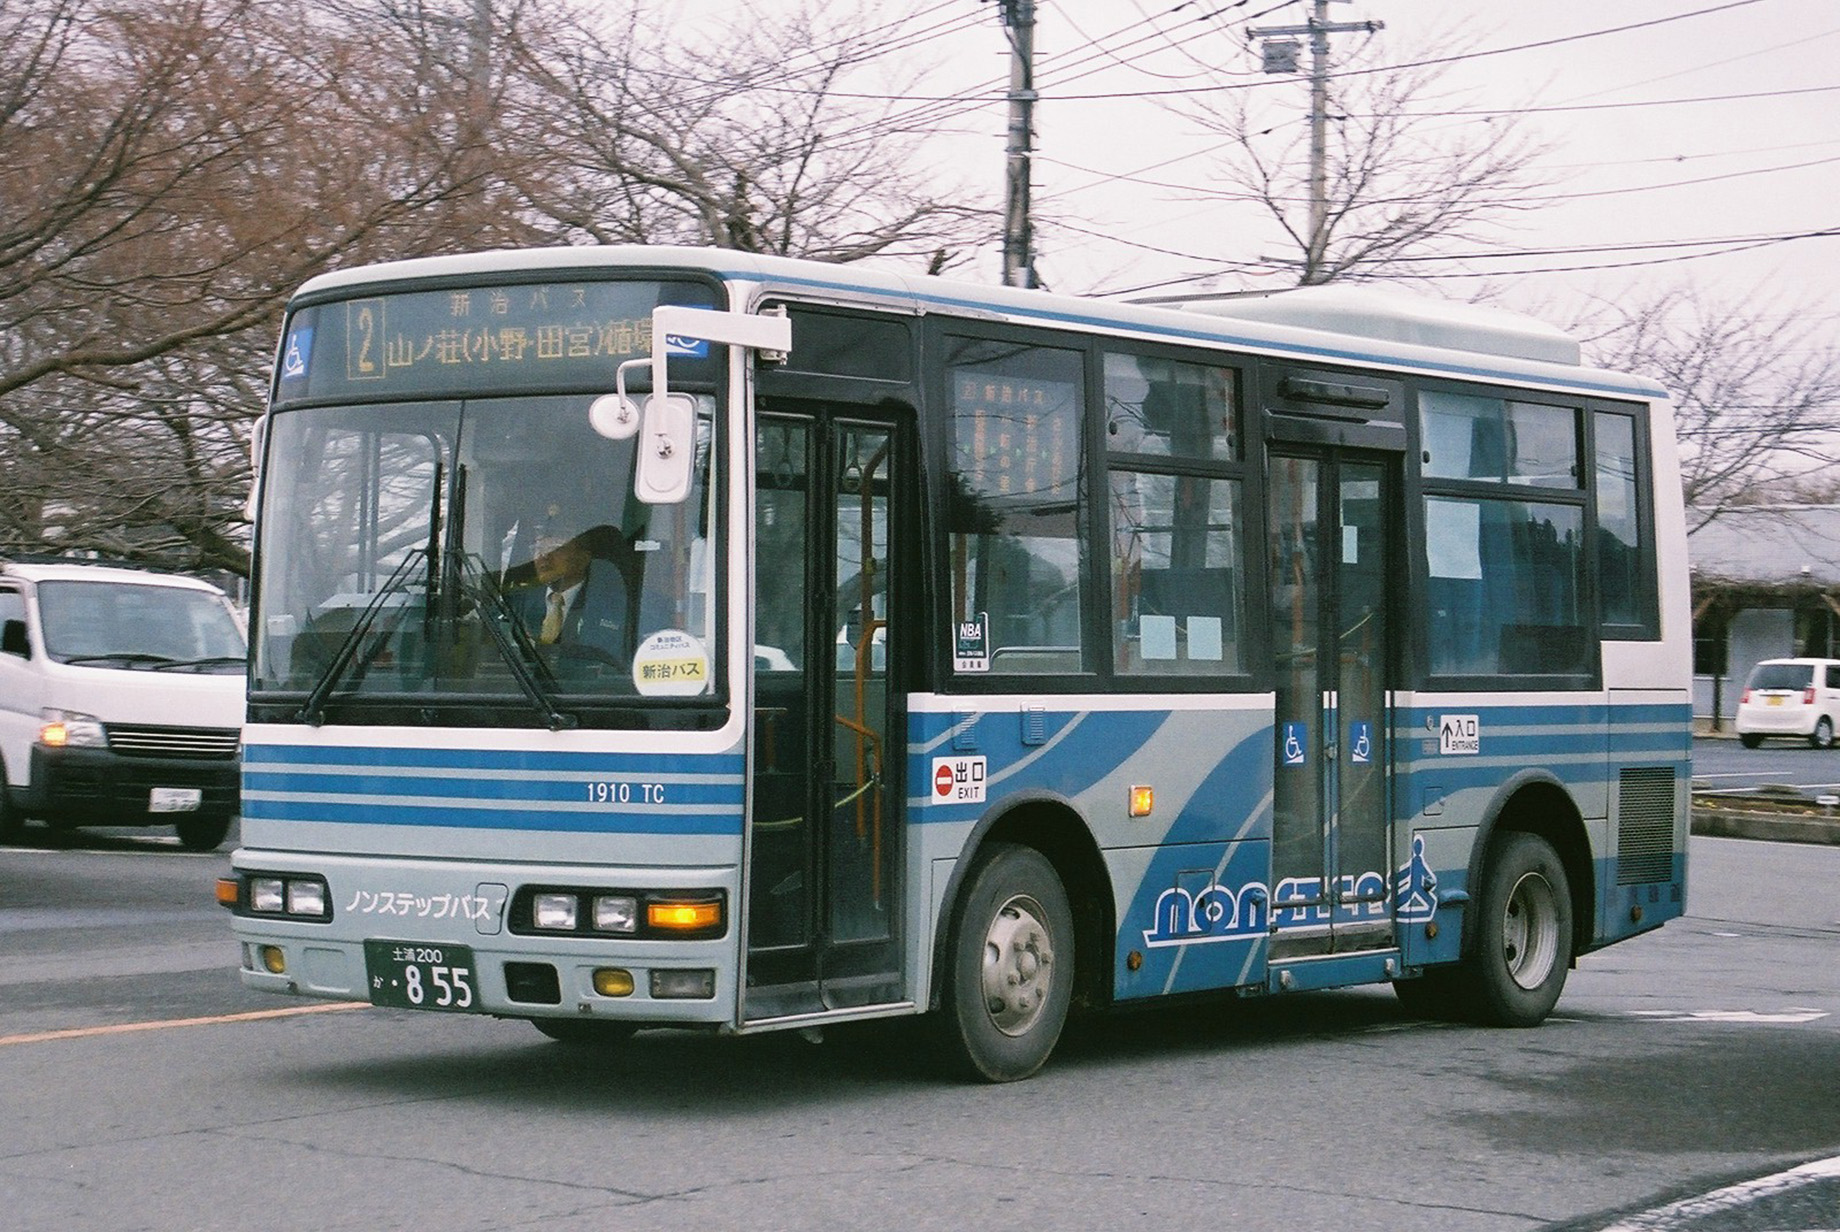 関東鉄道つくば中央営業所 - Jap...